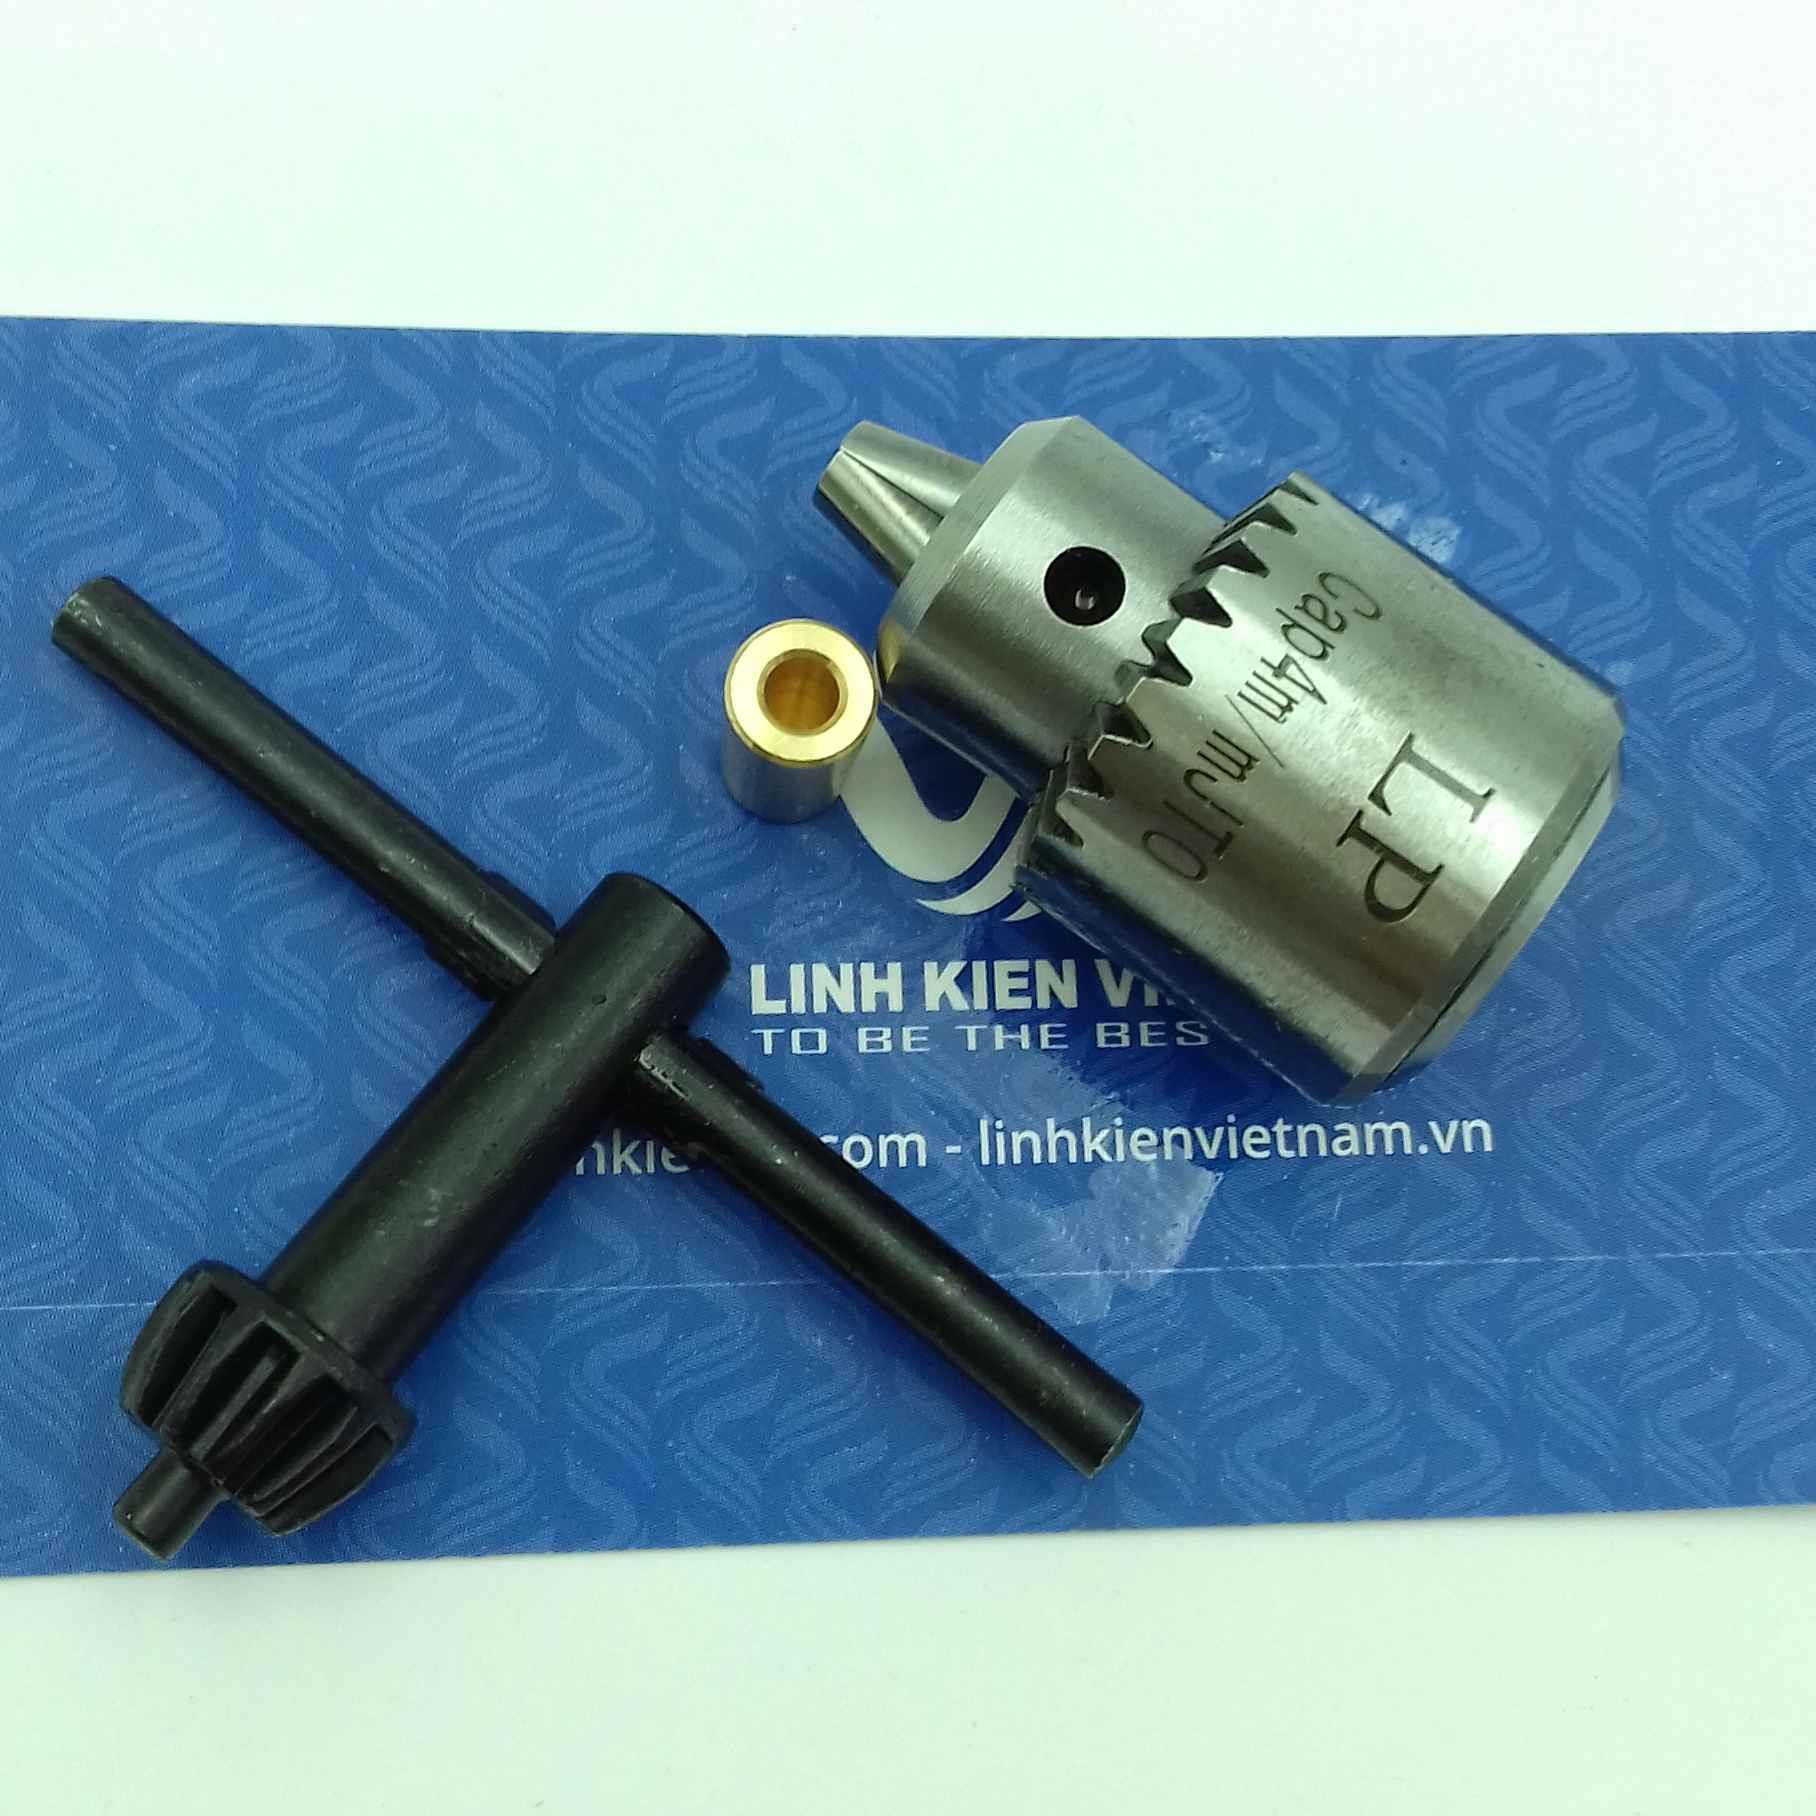 đầu kẹp mũi khoan 0.3-4mm full có đầu đồng cho motor 550 / trục giữ mũi khoang / Đầu khoan mạch 0.3-4mm - i6H17+i5H15